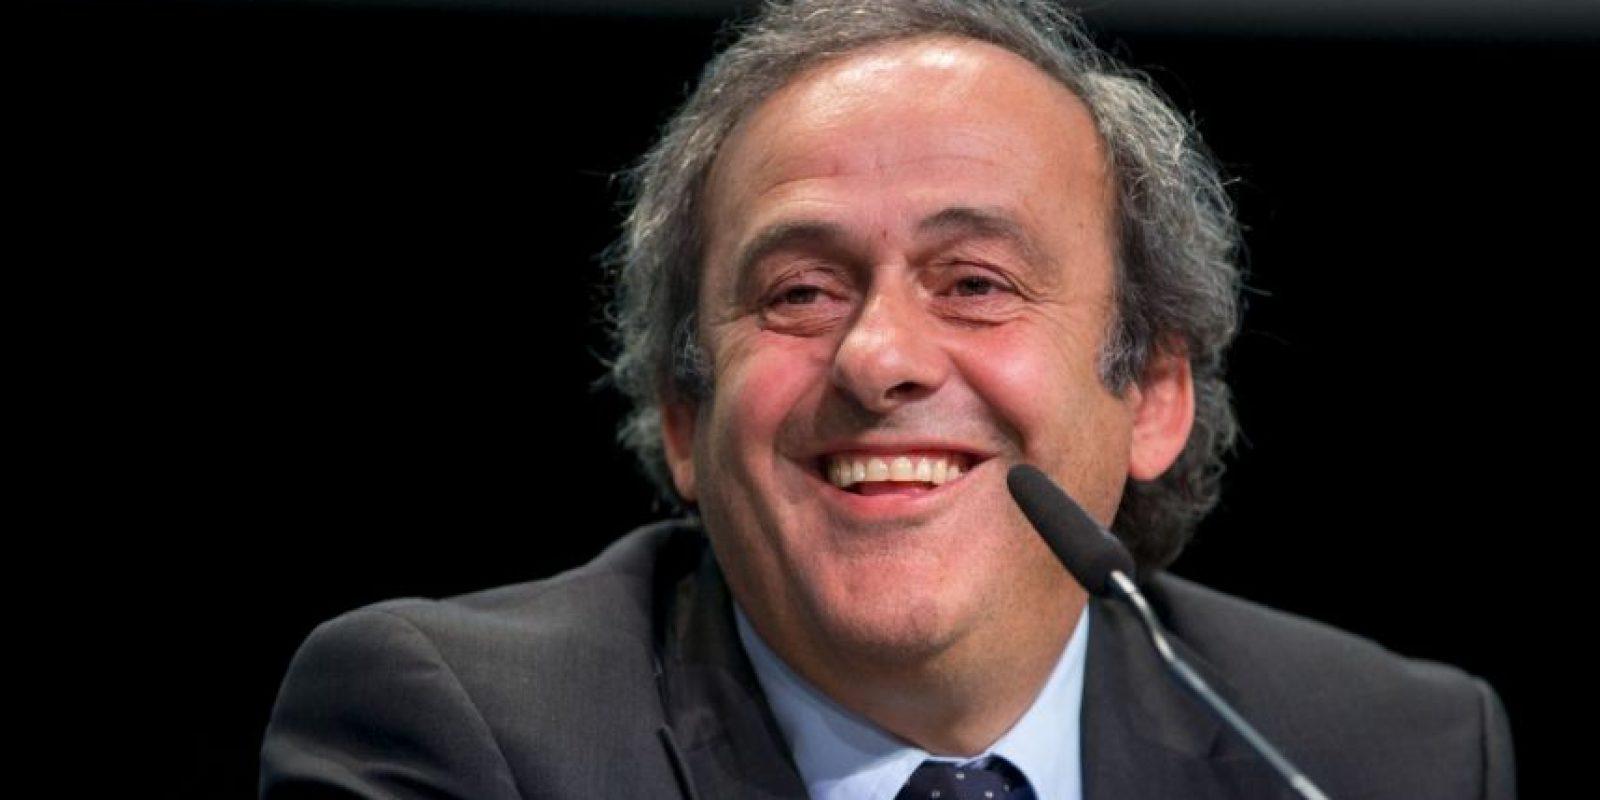 El presidente de la UEFA le pidió a Blatter que dimitiera como presidente Foto:Getty Images